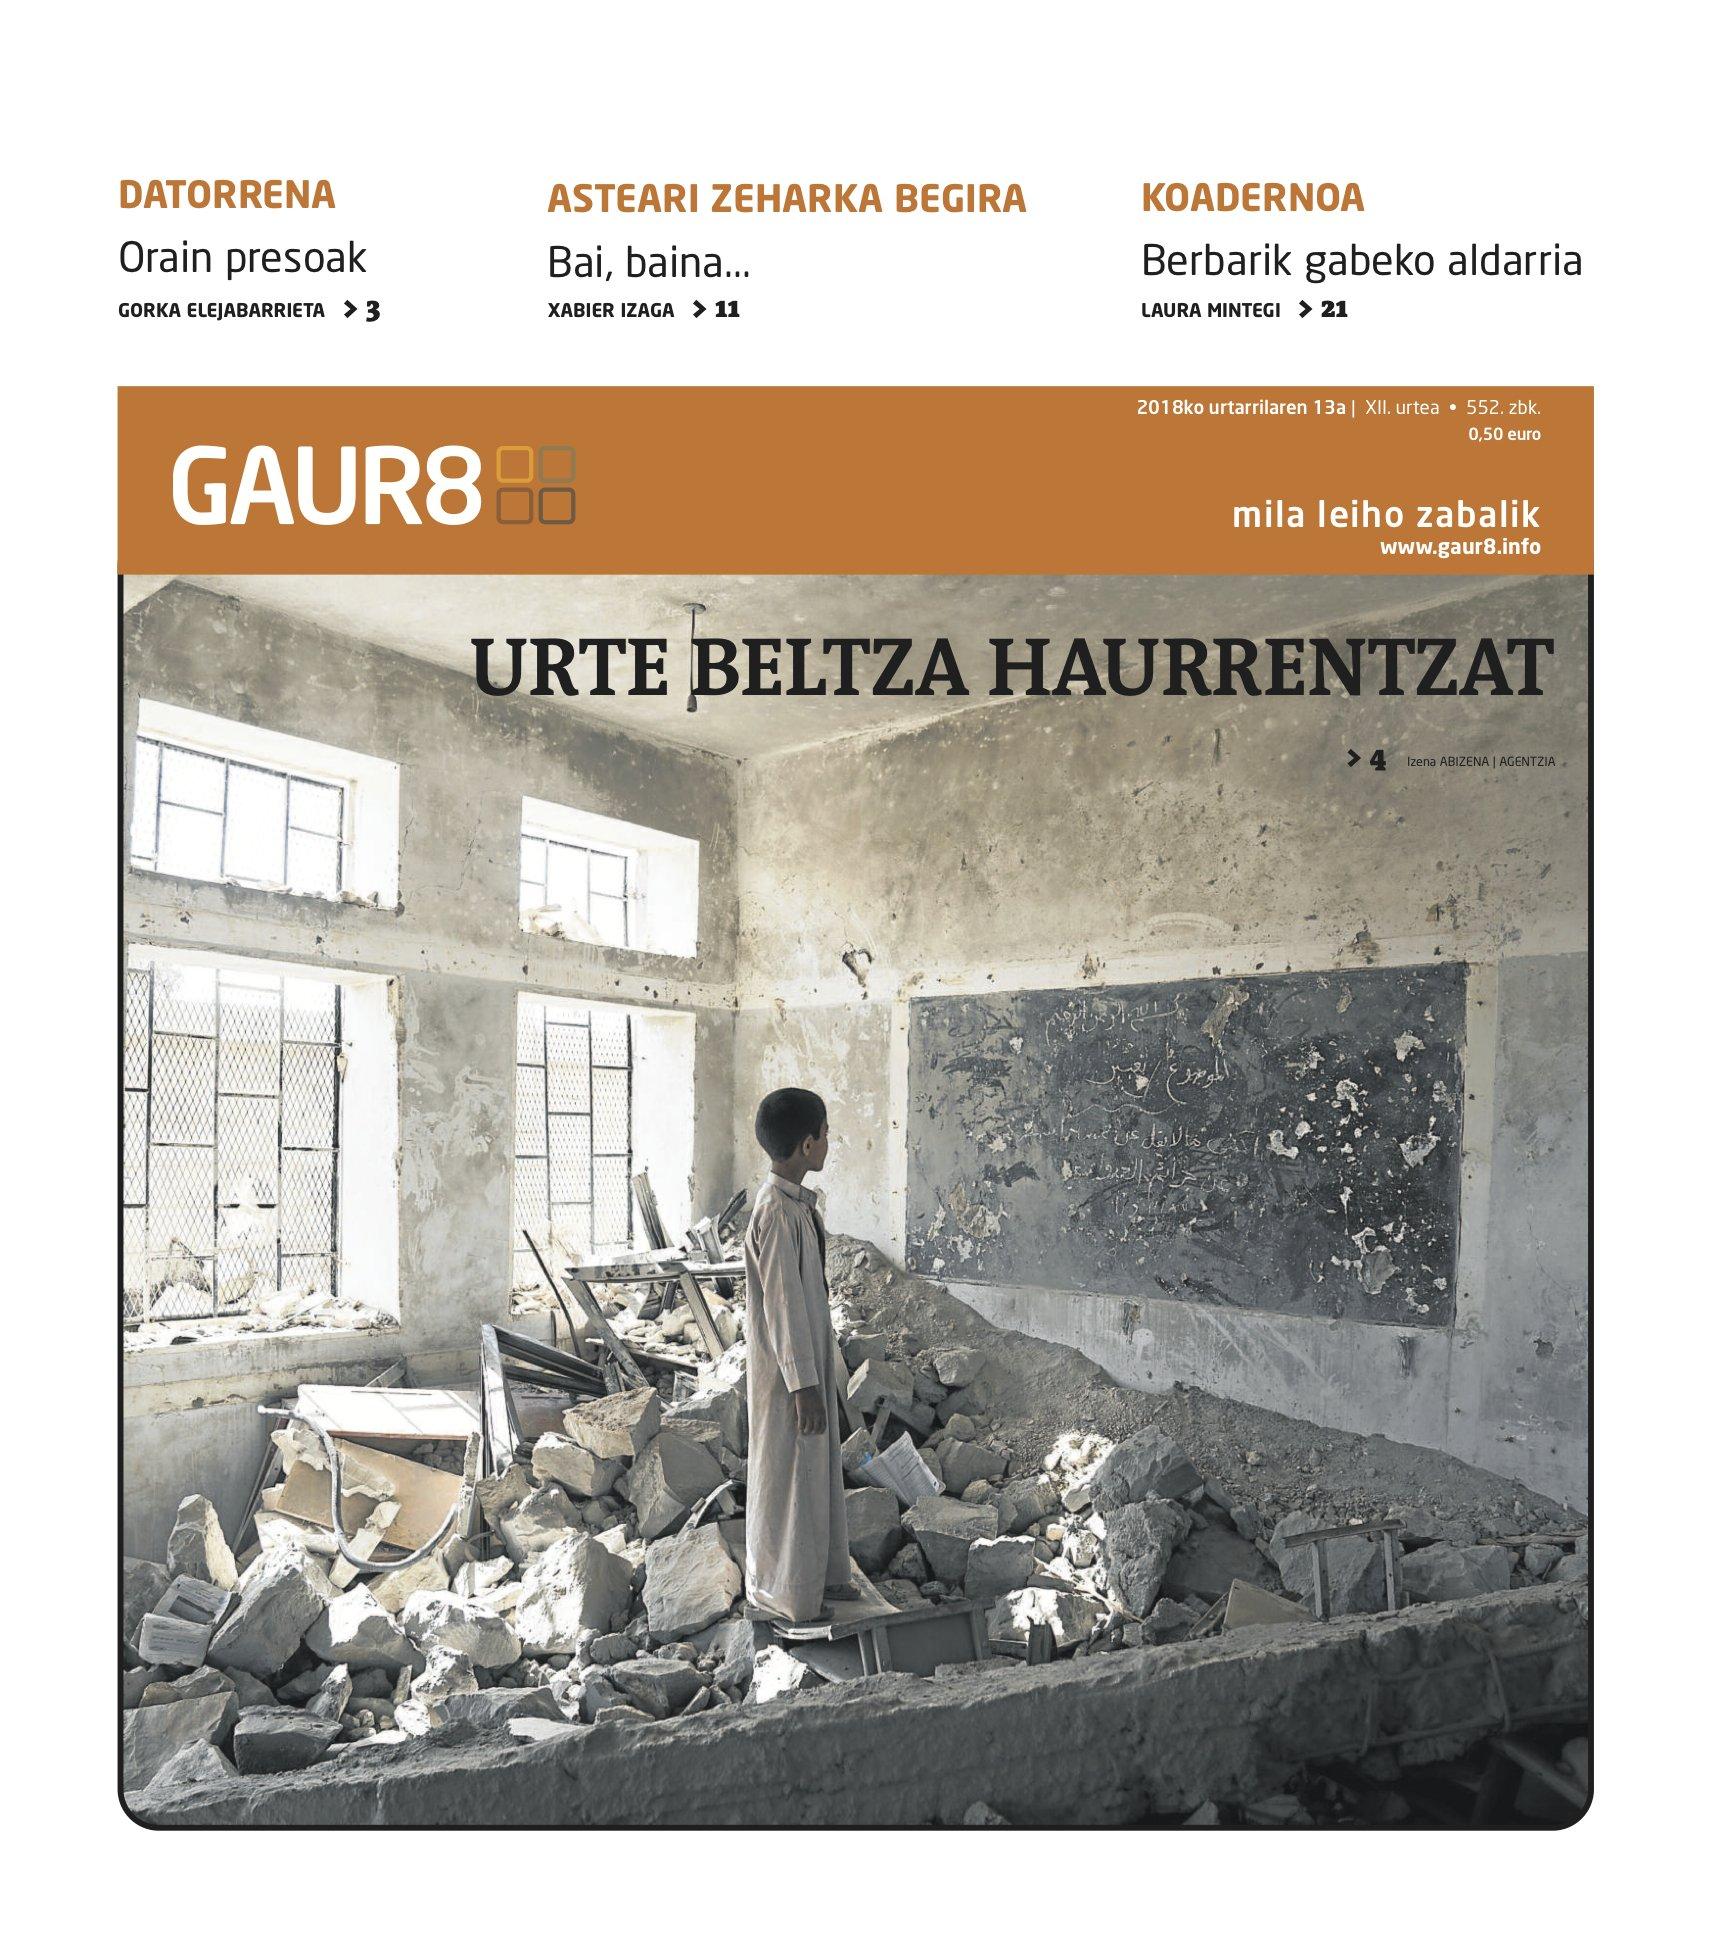 Gaur8-ren aurrerapena   Herrialde ezberdinetan dauden gatazketan haurrek bizi duten egoera, gurearbasoak.eus webgunea eta Proiektors proiektua